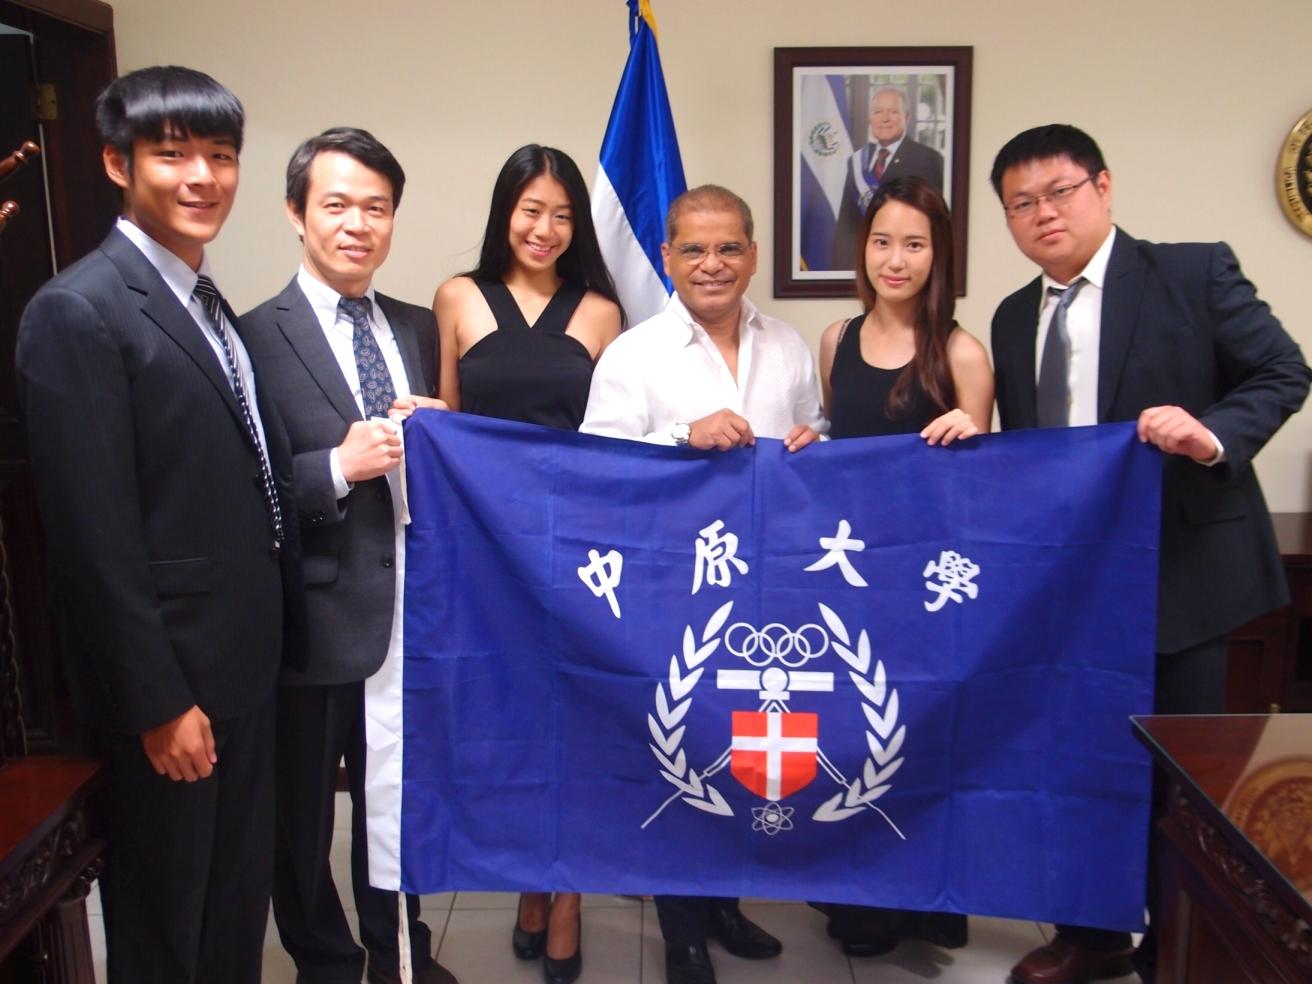 中原大學 第一個進入薩爾瓦多的台灣學生志工團隊!